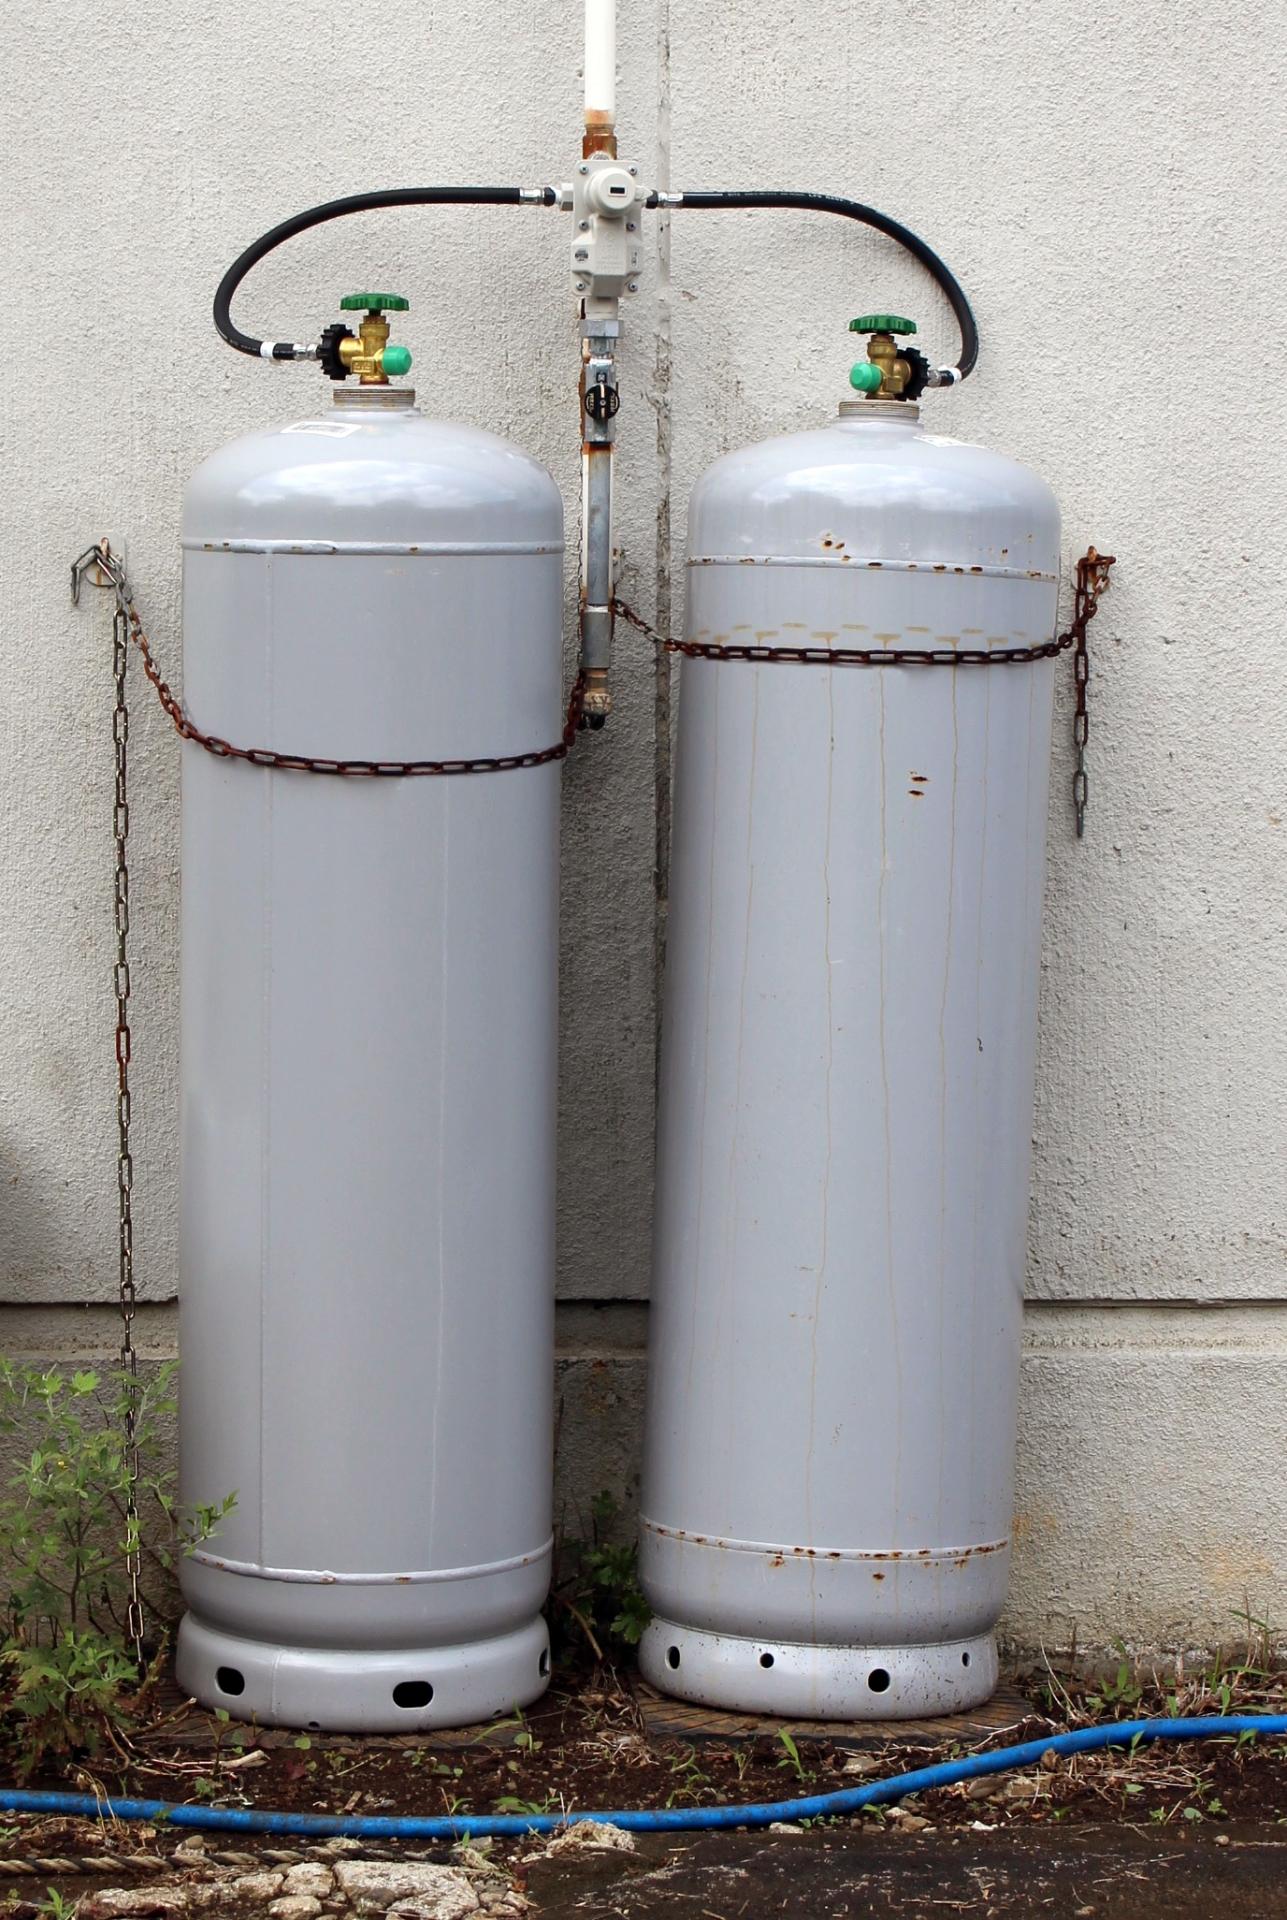 ガス検針票の基本的な見方を解説!押さえておくべきポイントはどこ?